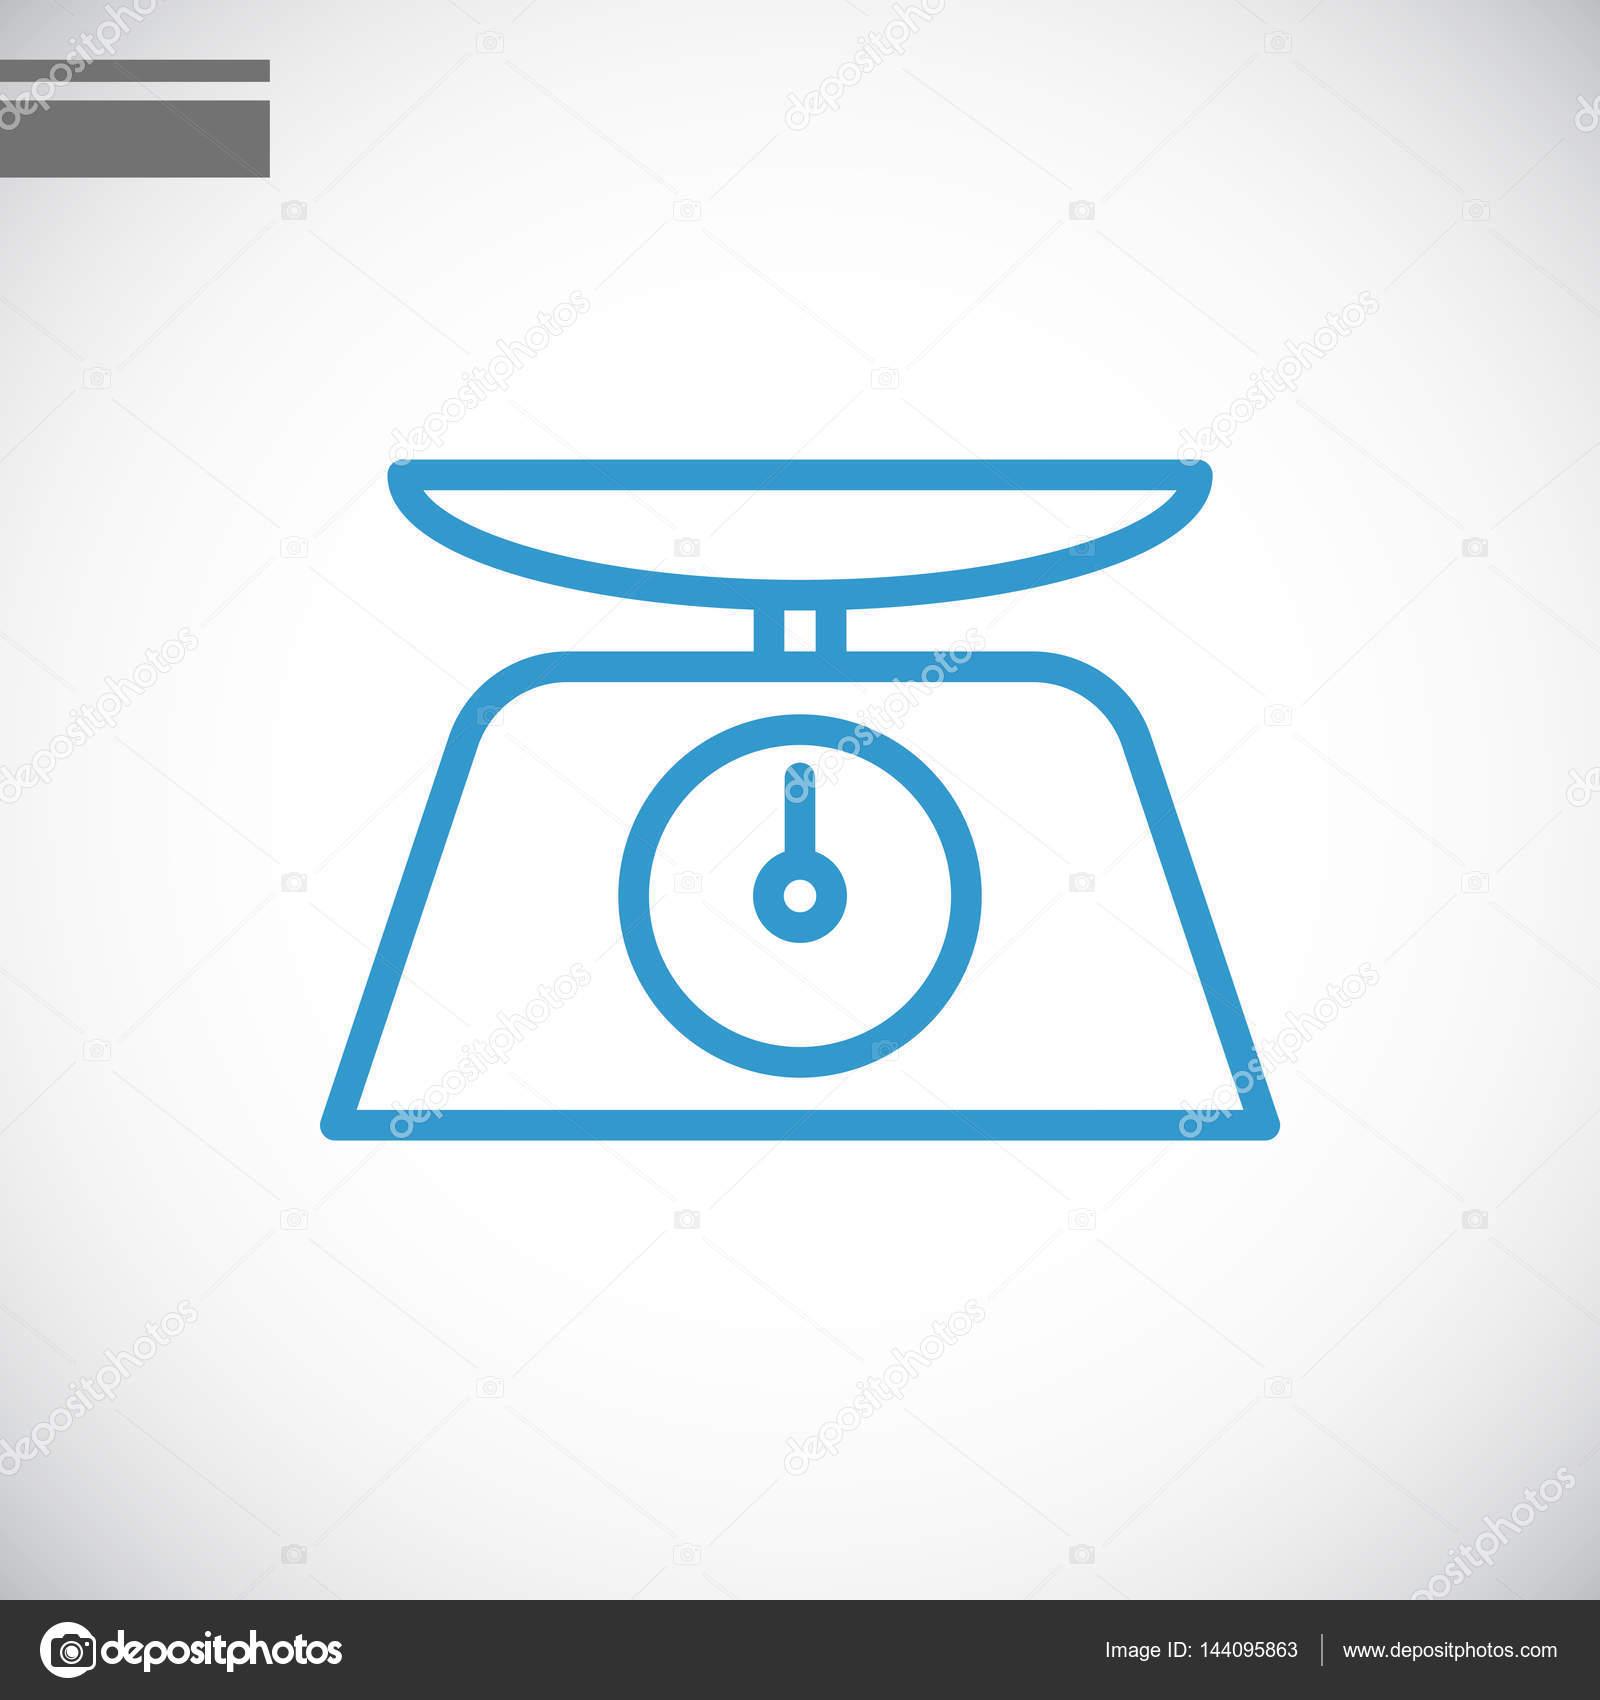 体重秤简单图标,矢量图– 图库插图